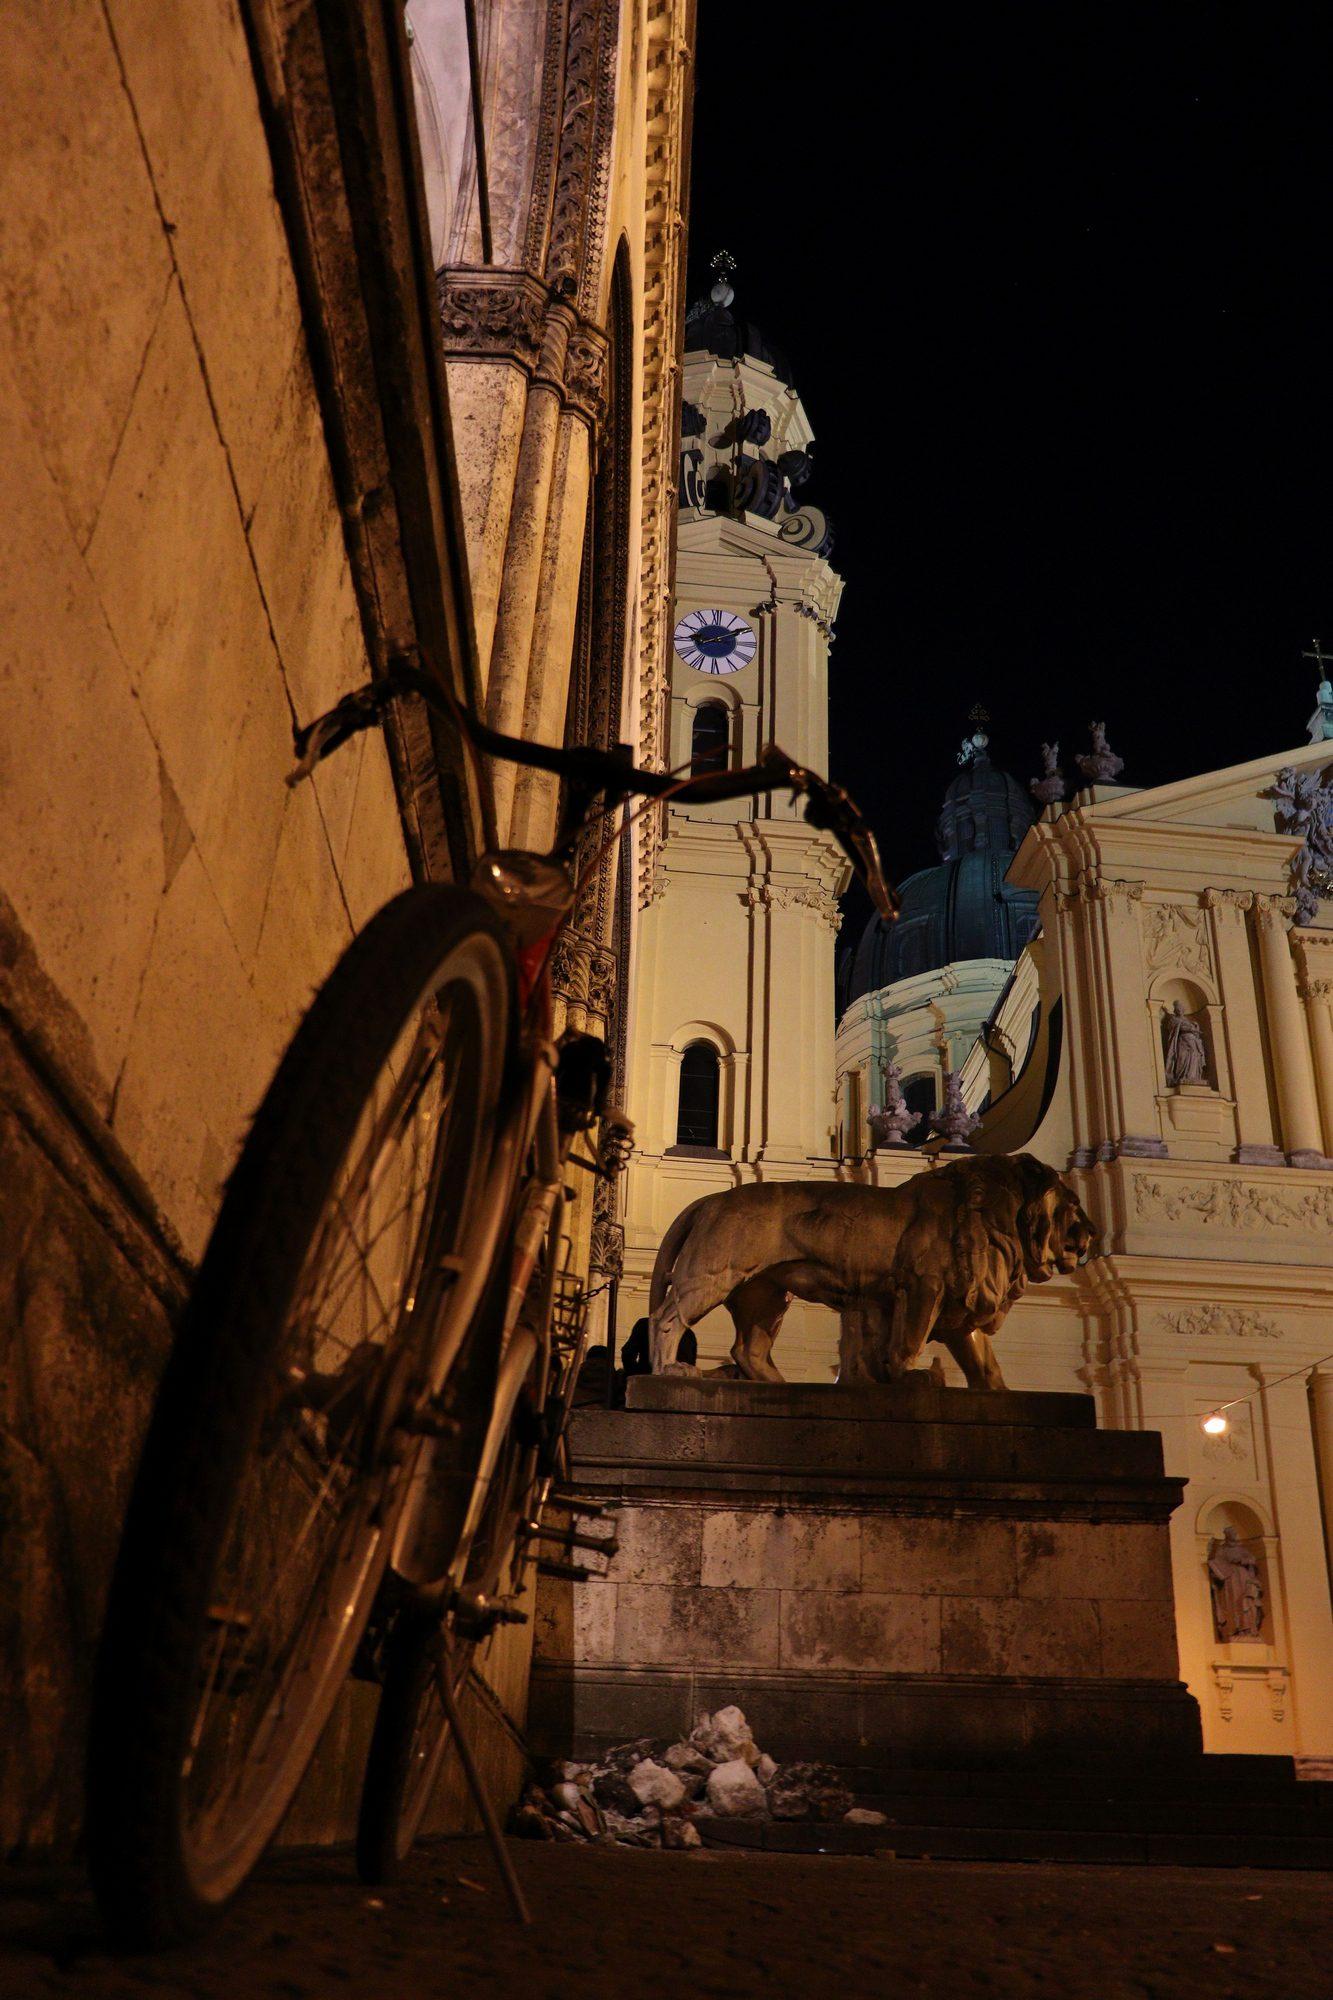 Fahrrad, Feldherrenhalle und Theatinerkirche am Odeonsplatz in München